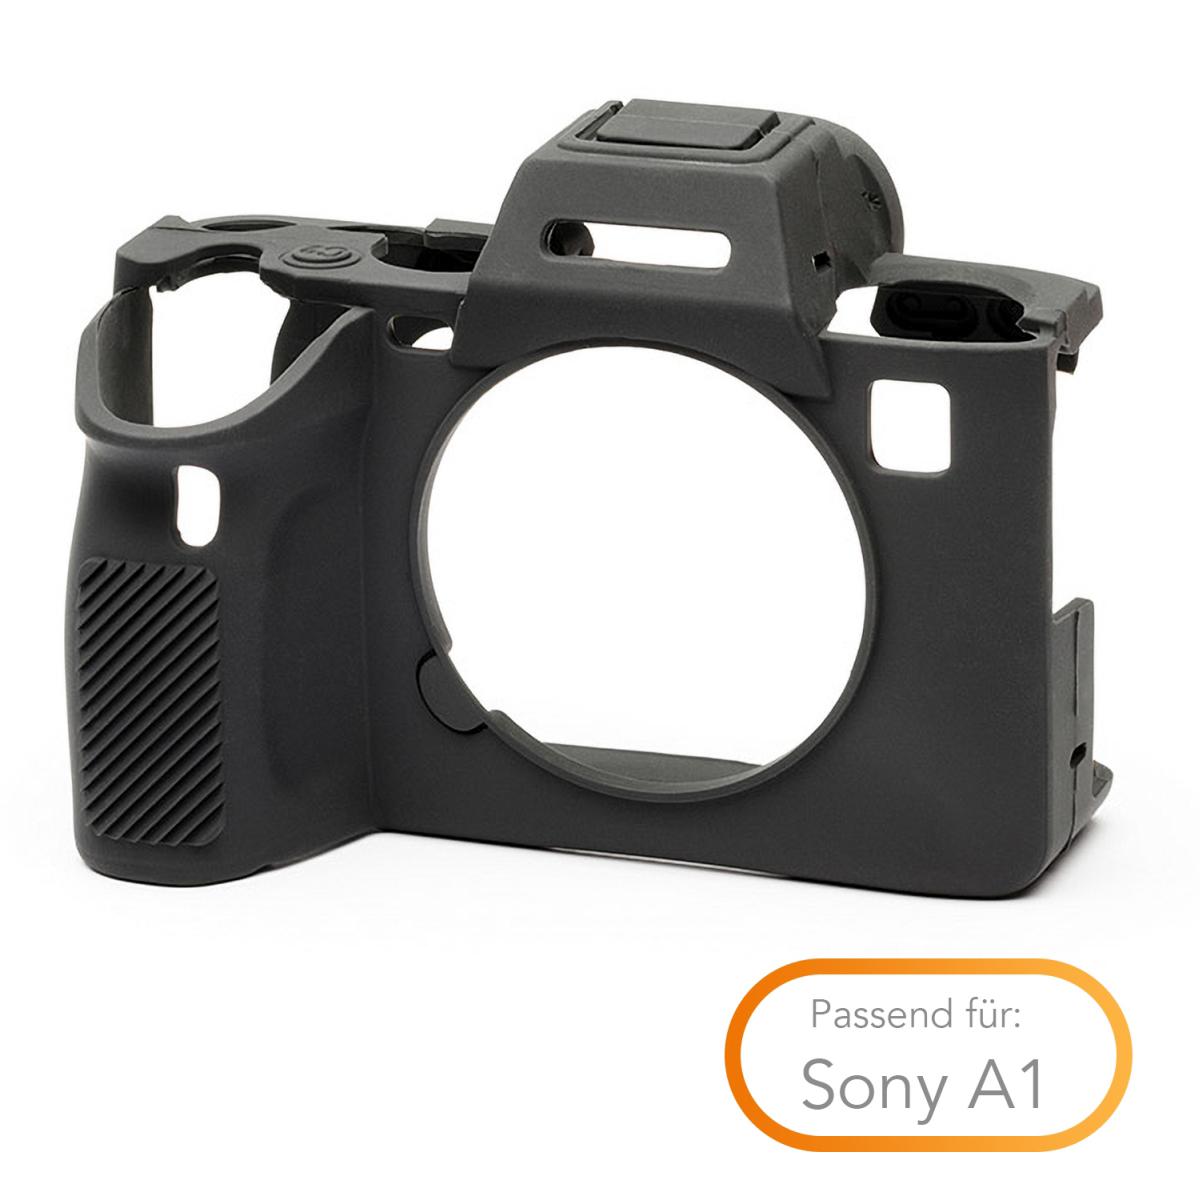 Walimex pro easyCover für Sony A1